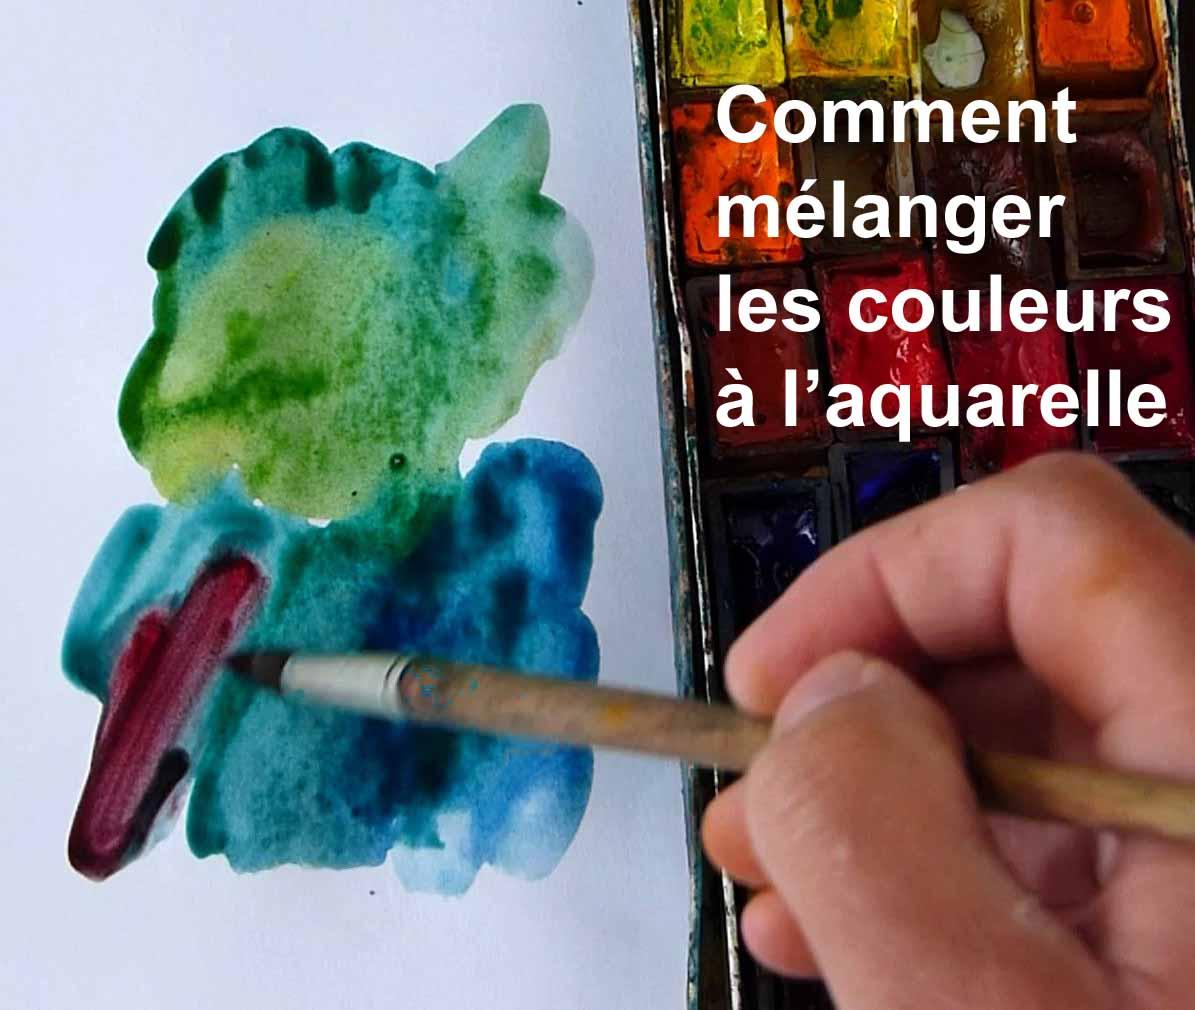 Comment mélanger les couleurs à l'aquarelle